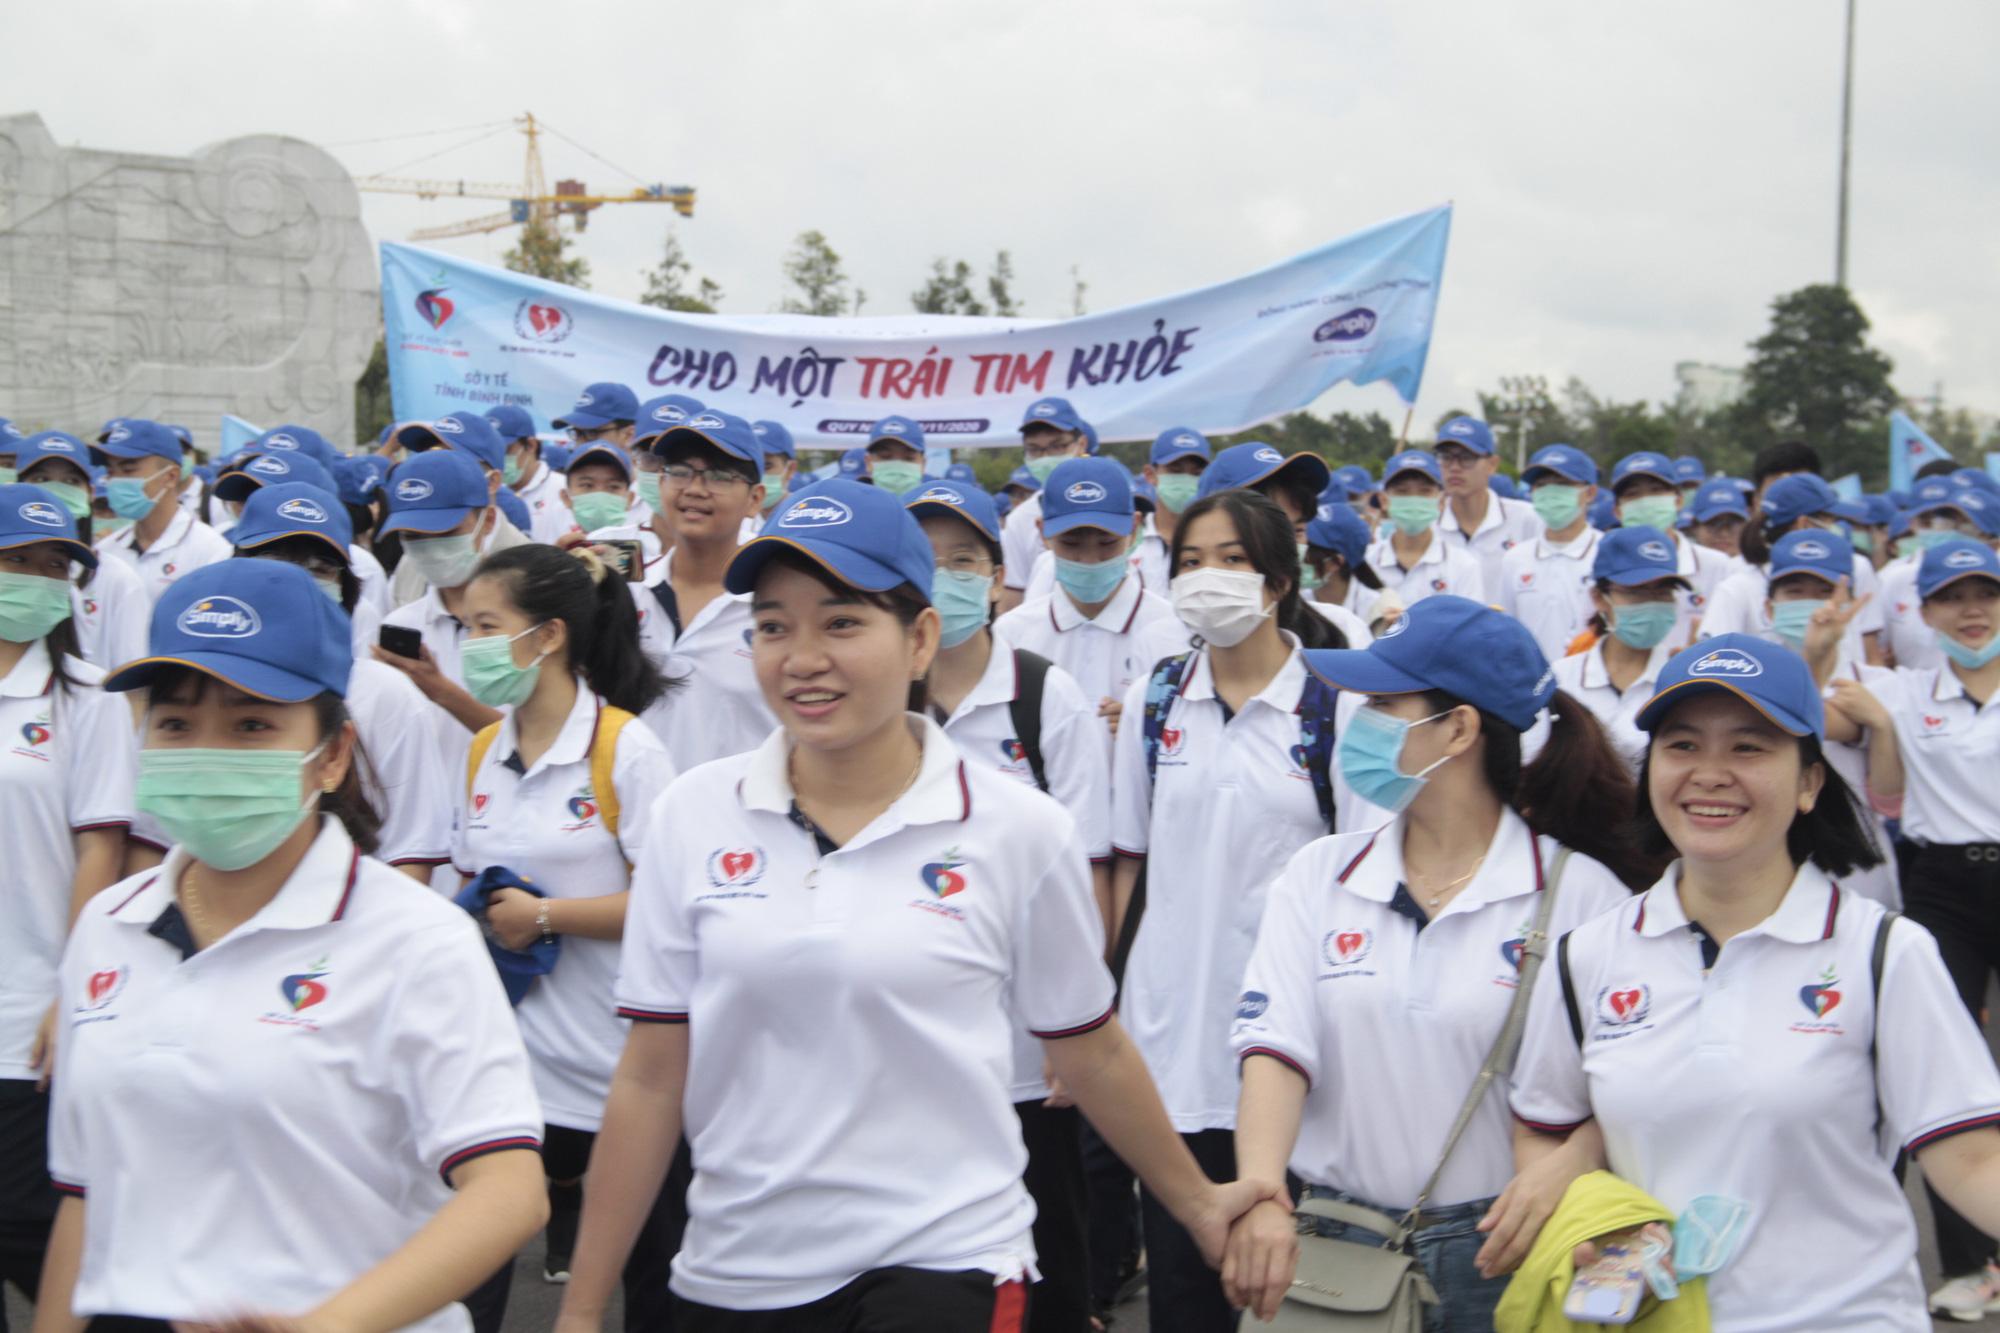 """Hàng ngàn người đi bộ ở Quy Nhơn kêu gọi vì """"một trái tim khỏe"""" - Ảnh 1."""